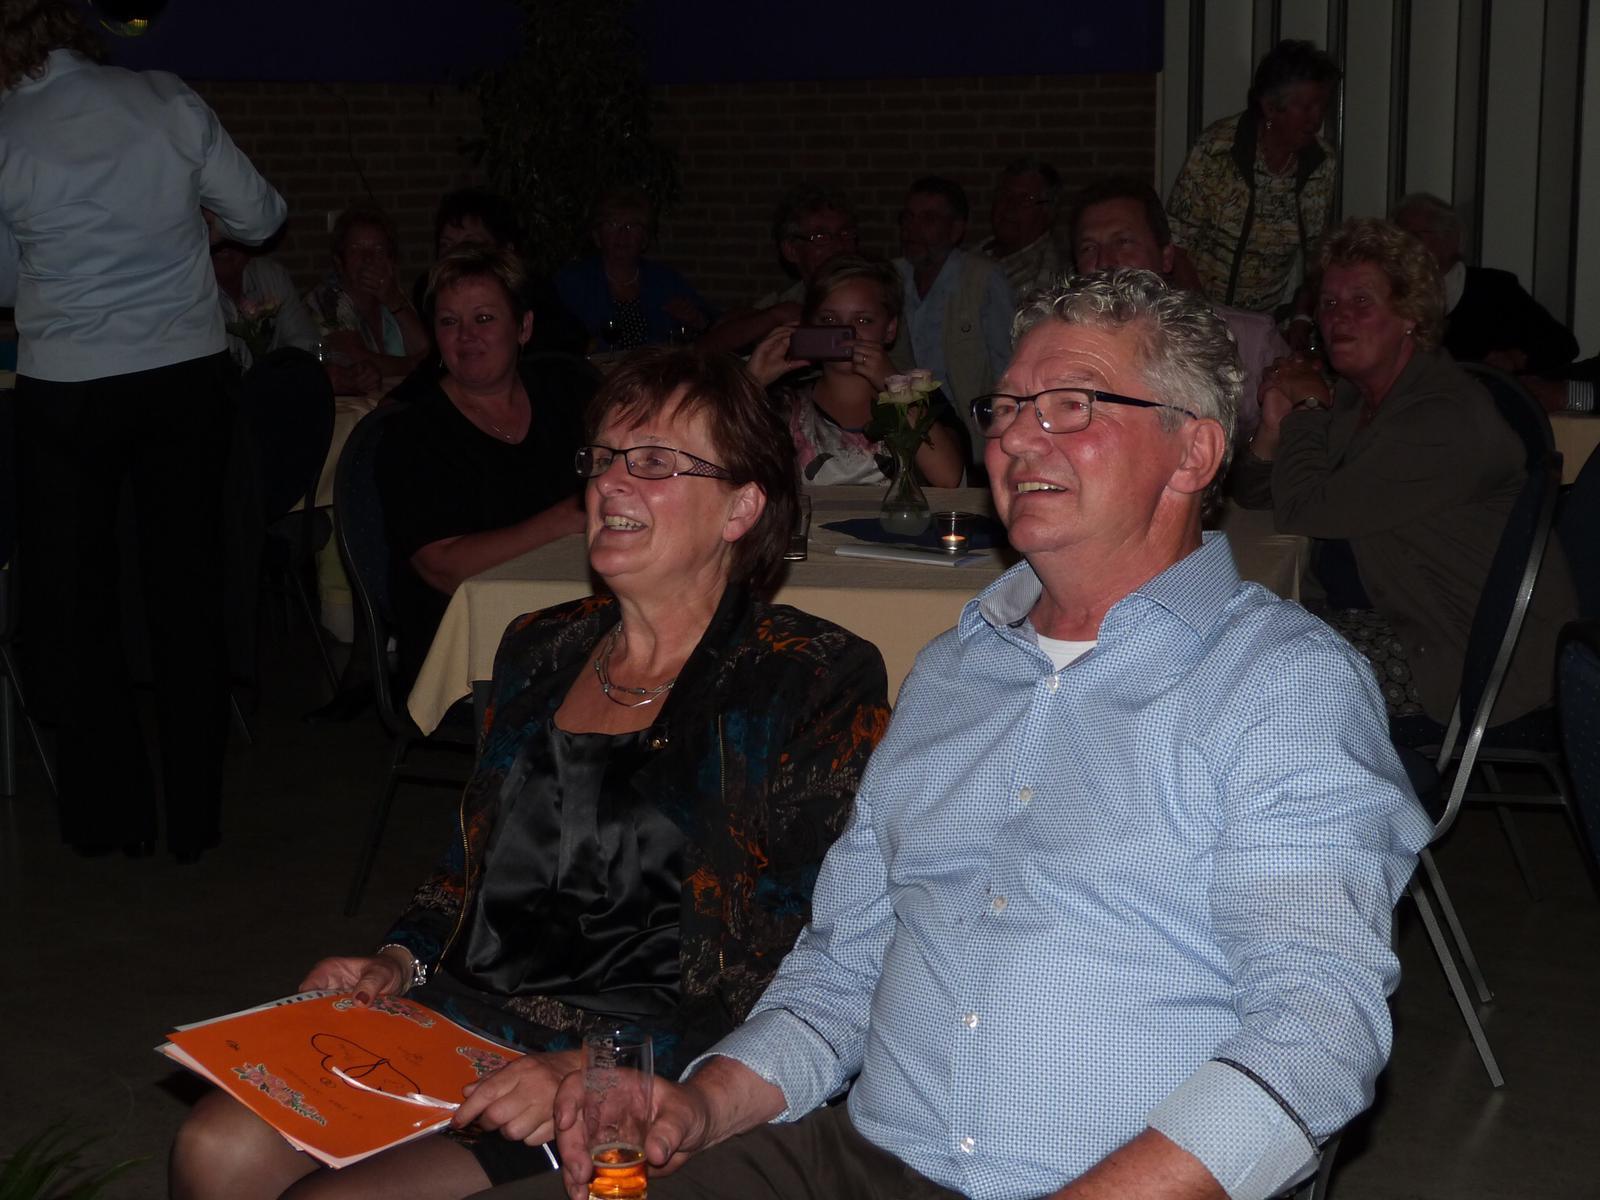 Mede Oprichter Marijke Blijleven Bereikt Pensioengerechtigde Leeftijd